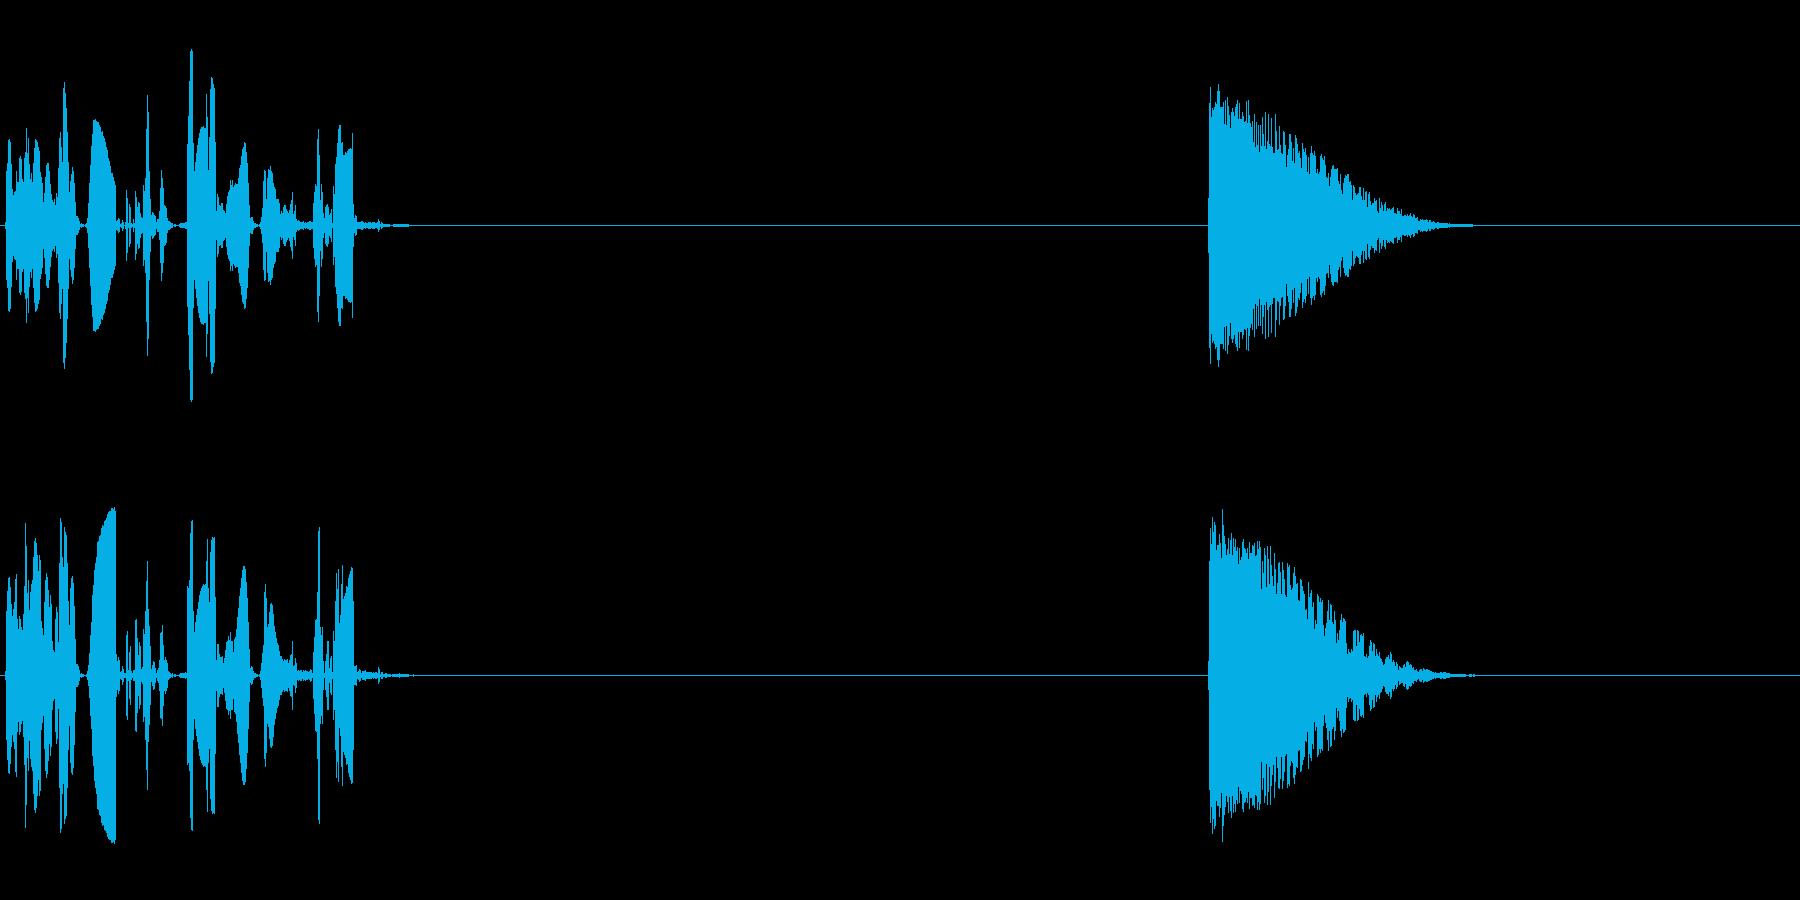 ウォブルトーンシーケンス、コンピュ...の再生済みの波形